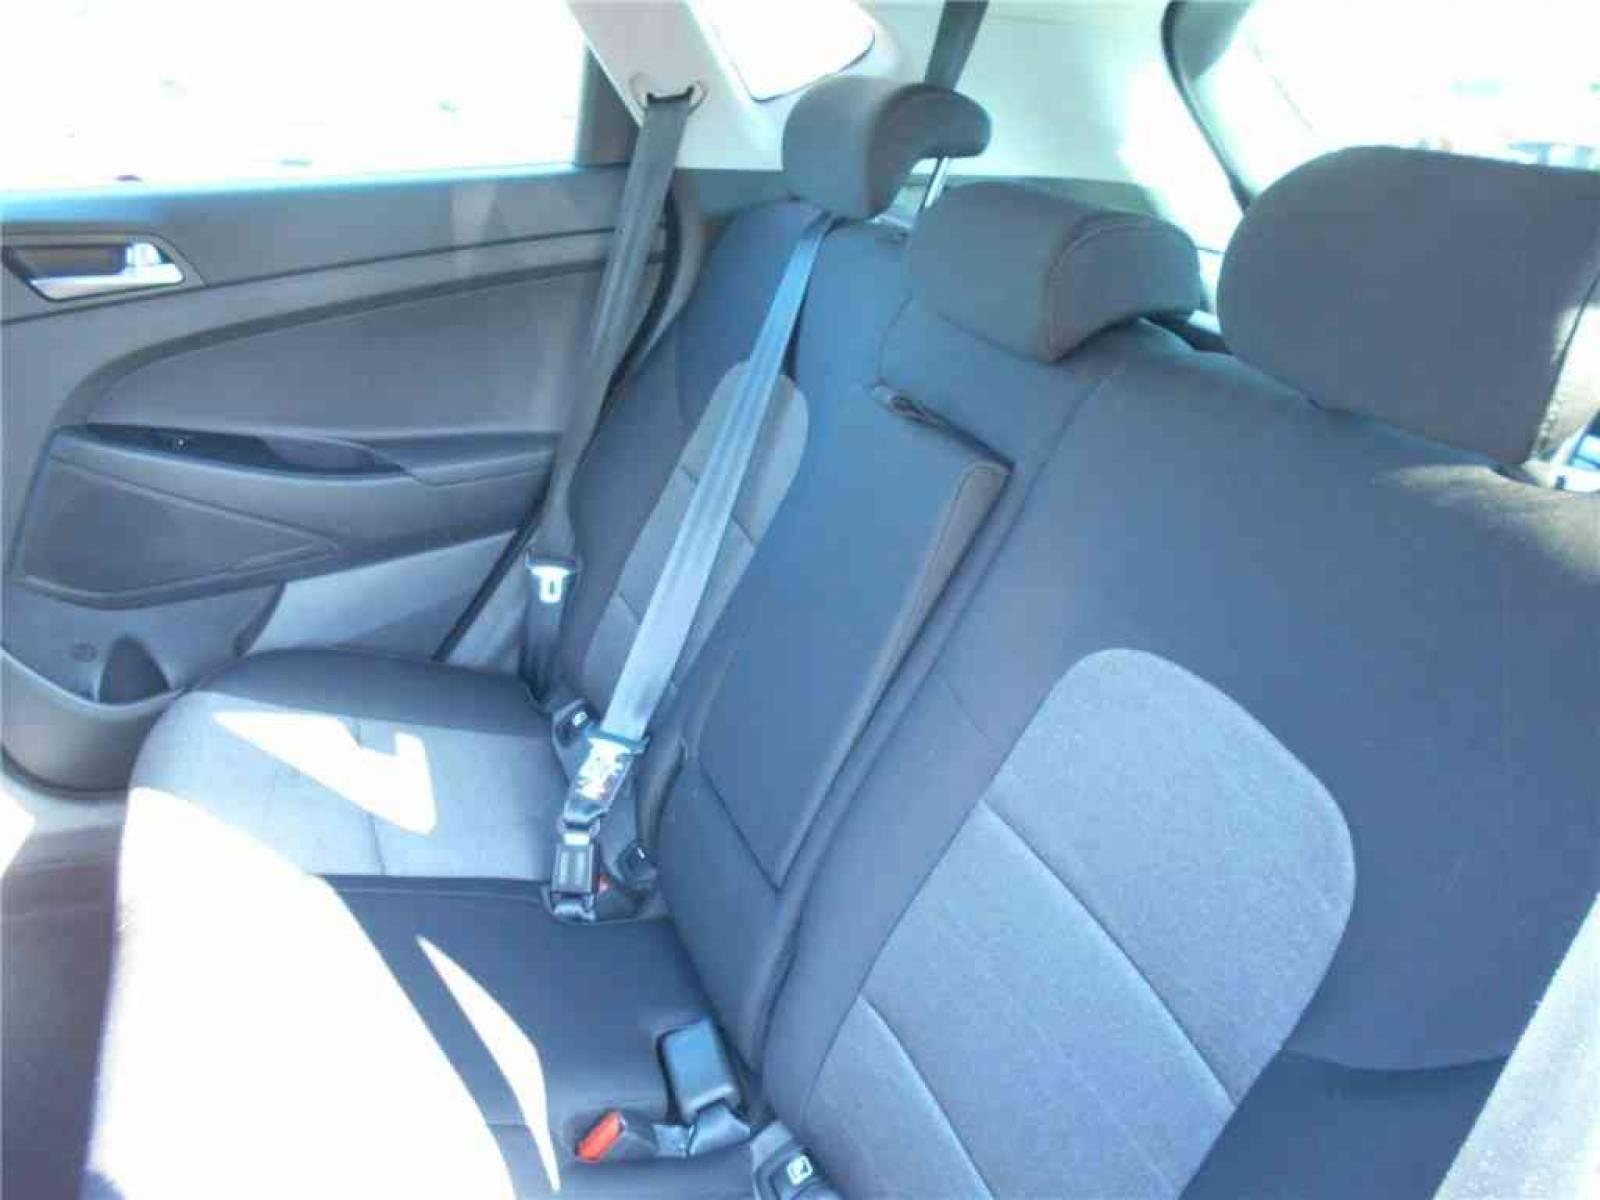 HYUNDAI Tucson 1.6 CRDi 115 - véhicule d'occasion - Groupe Guillet - Chalon Automobiles - 71100 - Chalon-sur-Saône - 16